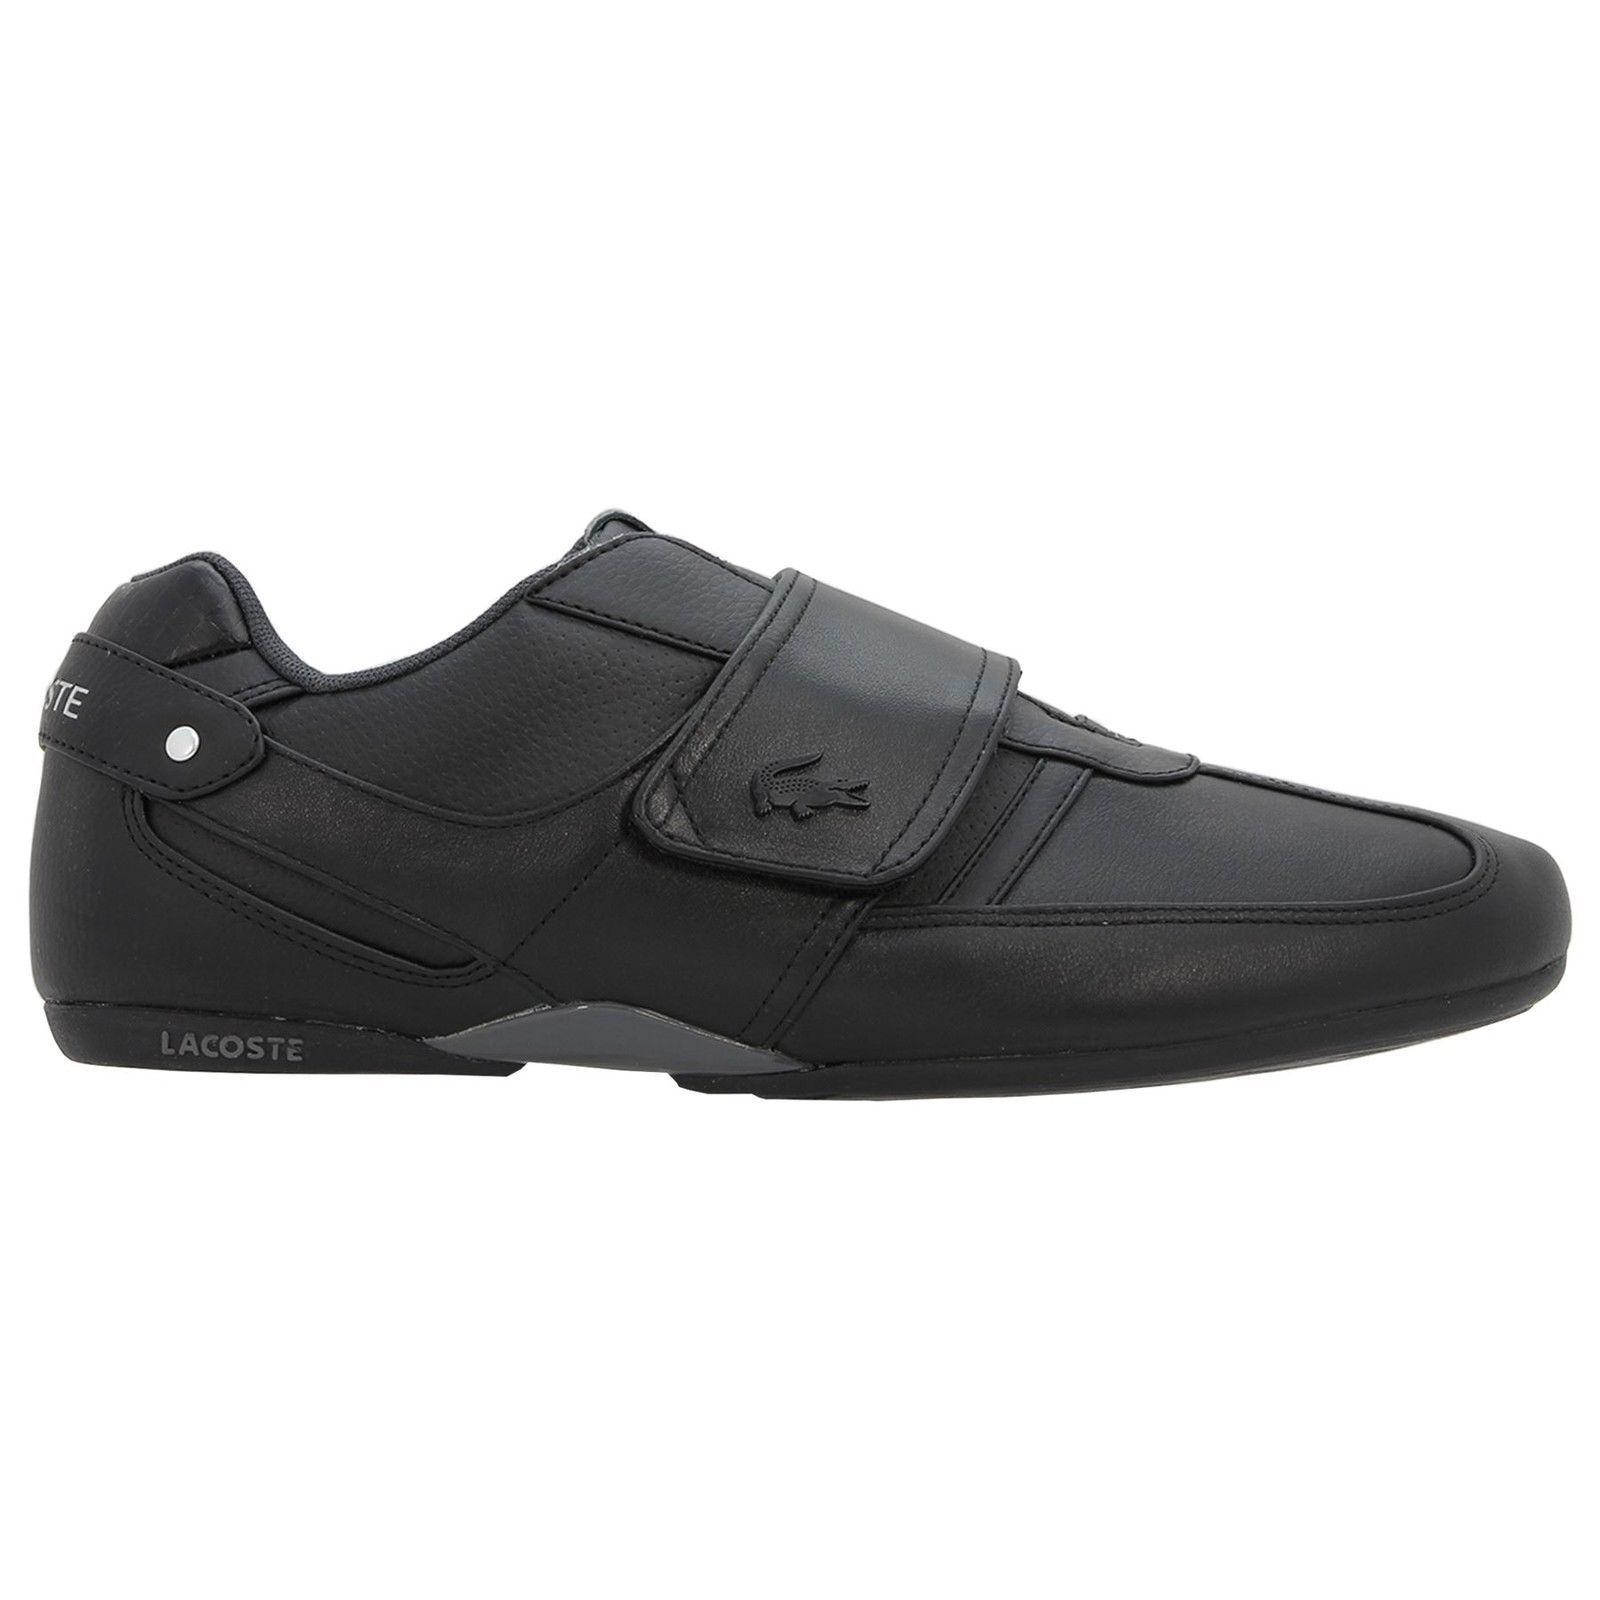 Lacoste Avance 318 1 SPM Herren Freizeitschuh Sneaker Sportschuhe